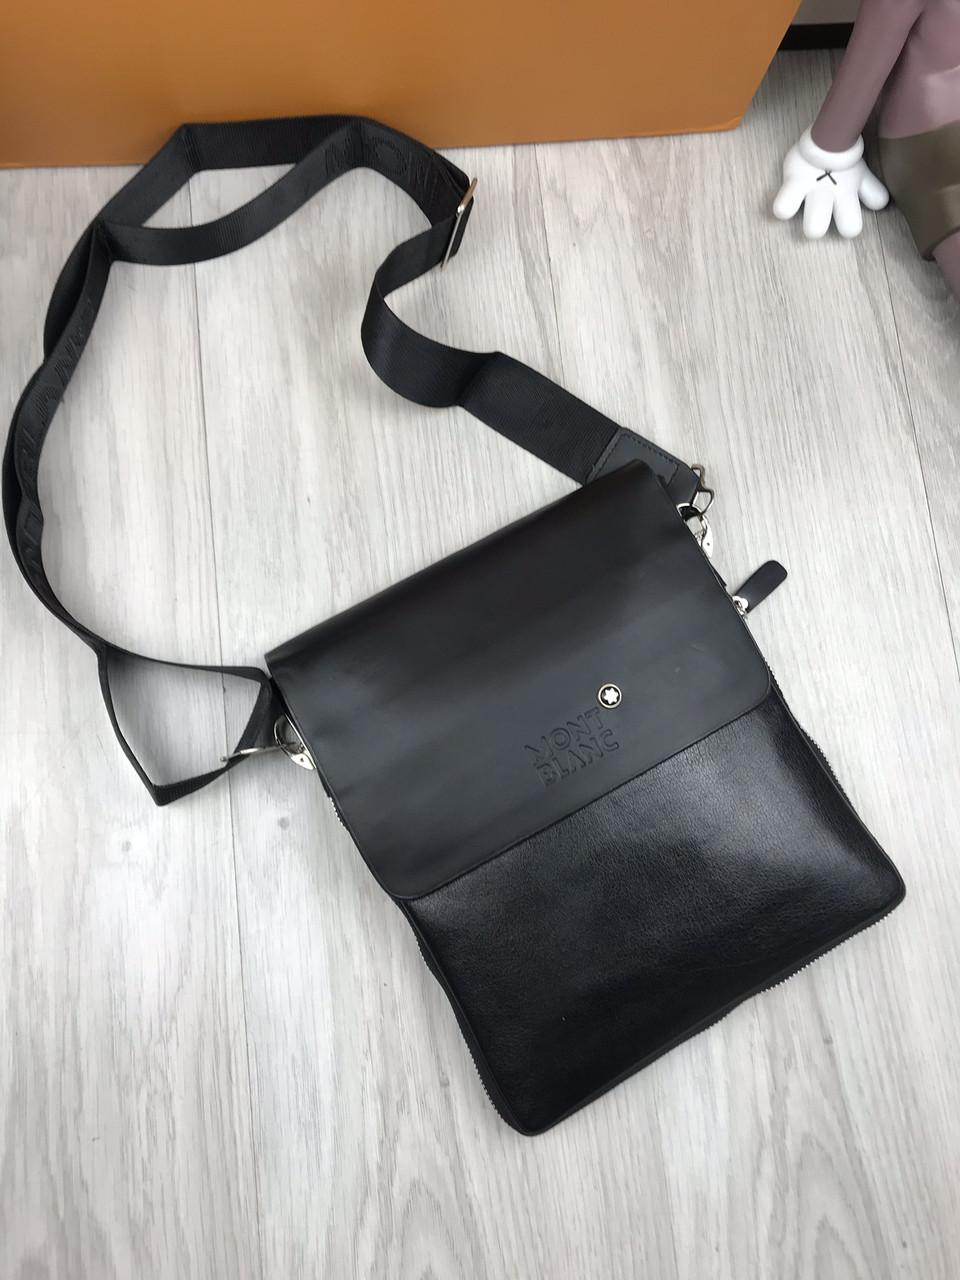 4286d6171627 Сумка мужская через плечо планшетка брендовая Mont Blanc черная копия  высокого качества